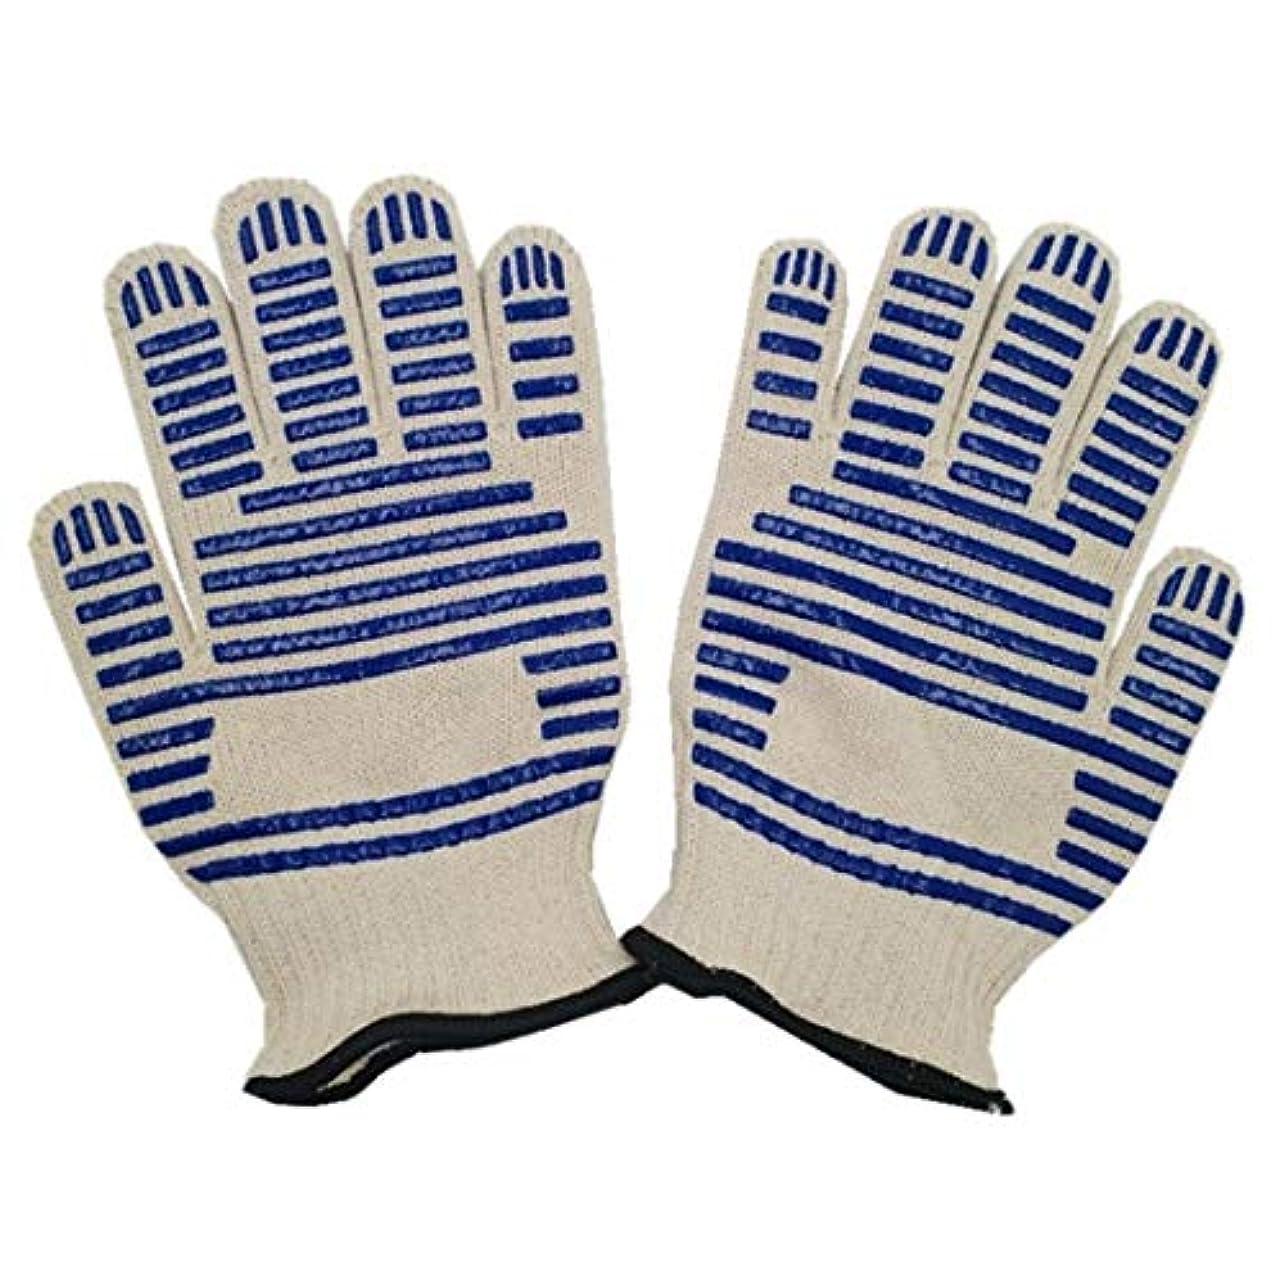 権限を与えるダニセブンOWNFSKNL 高温耐熱手袋、屋外キャンプ用手袋、ポリエステル/綿手袋